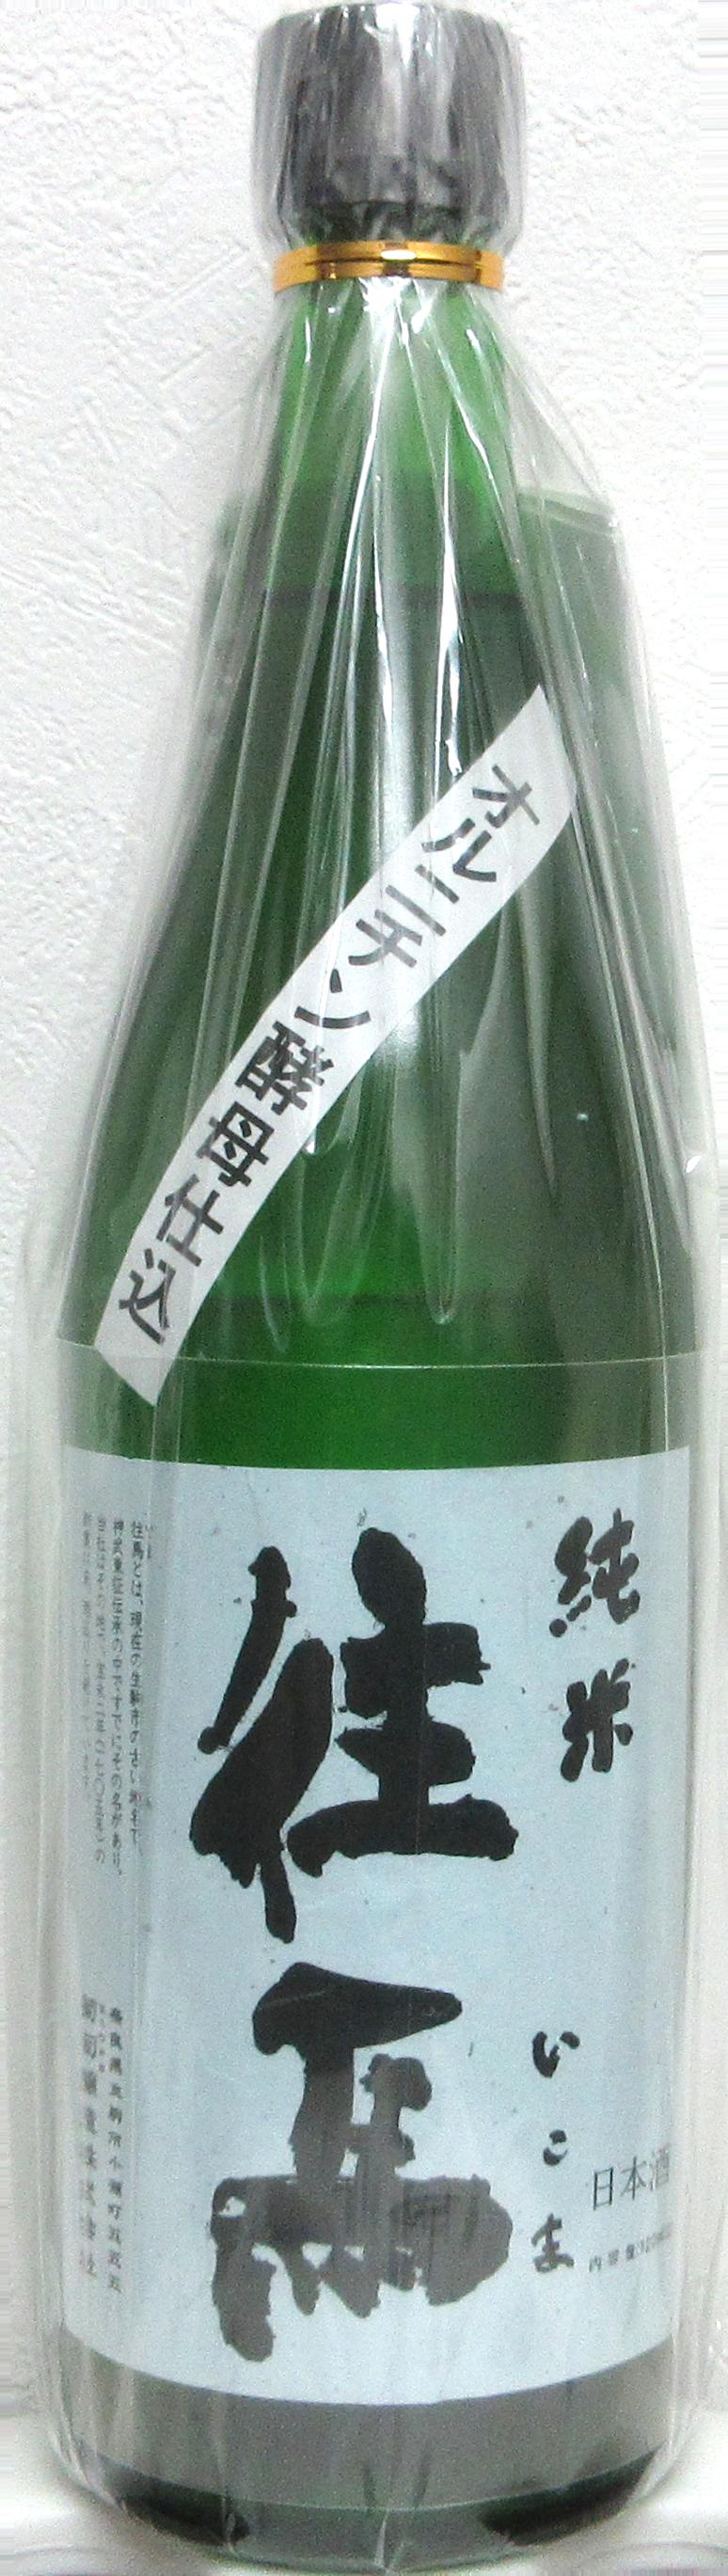 菊司醸造株式会社 菊司 オルニチン高生産性酵母使用 純米酒